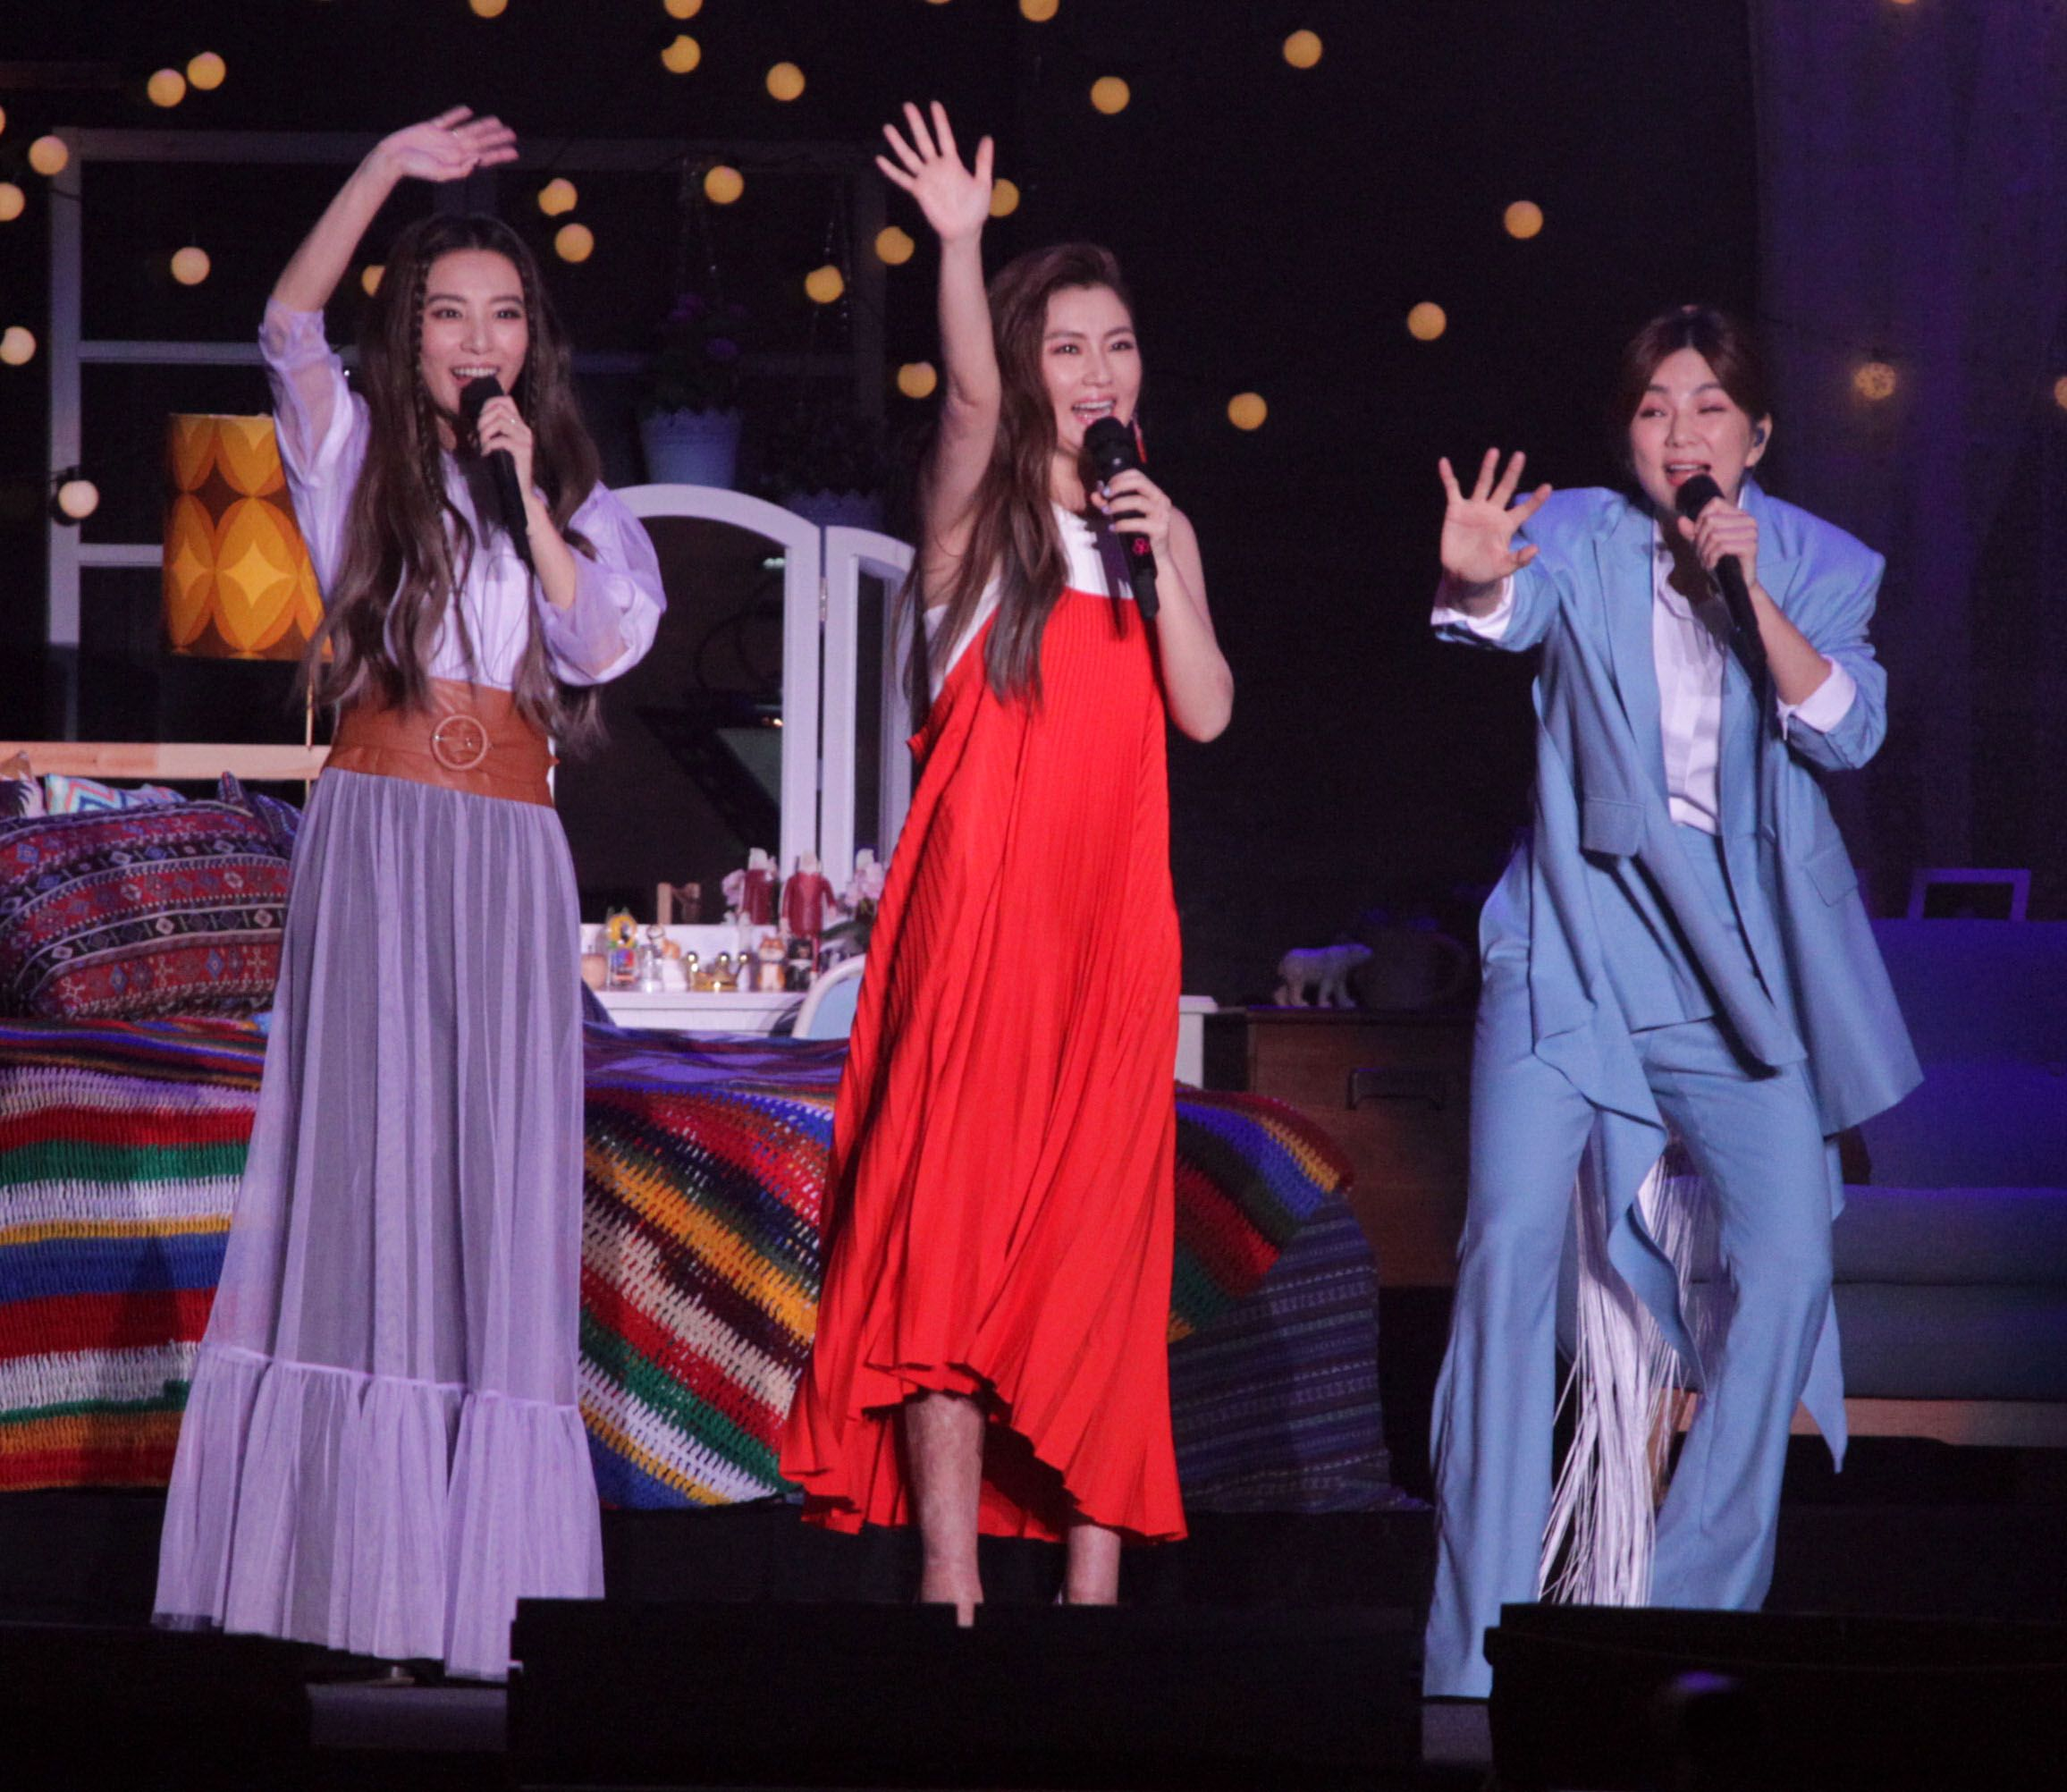 女子天團S.H.E(11)晚在兩廳院藝文廣場舉辦「十七音樂會」,22首歌曲讓2萬名歌迷聽得如癡如醉。(記者邱榮吉/攝影)